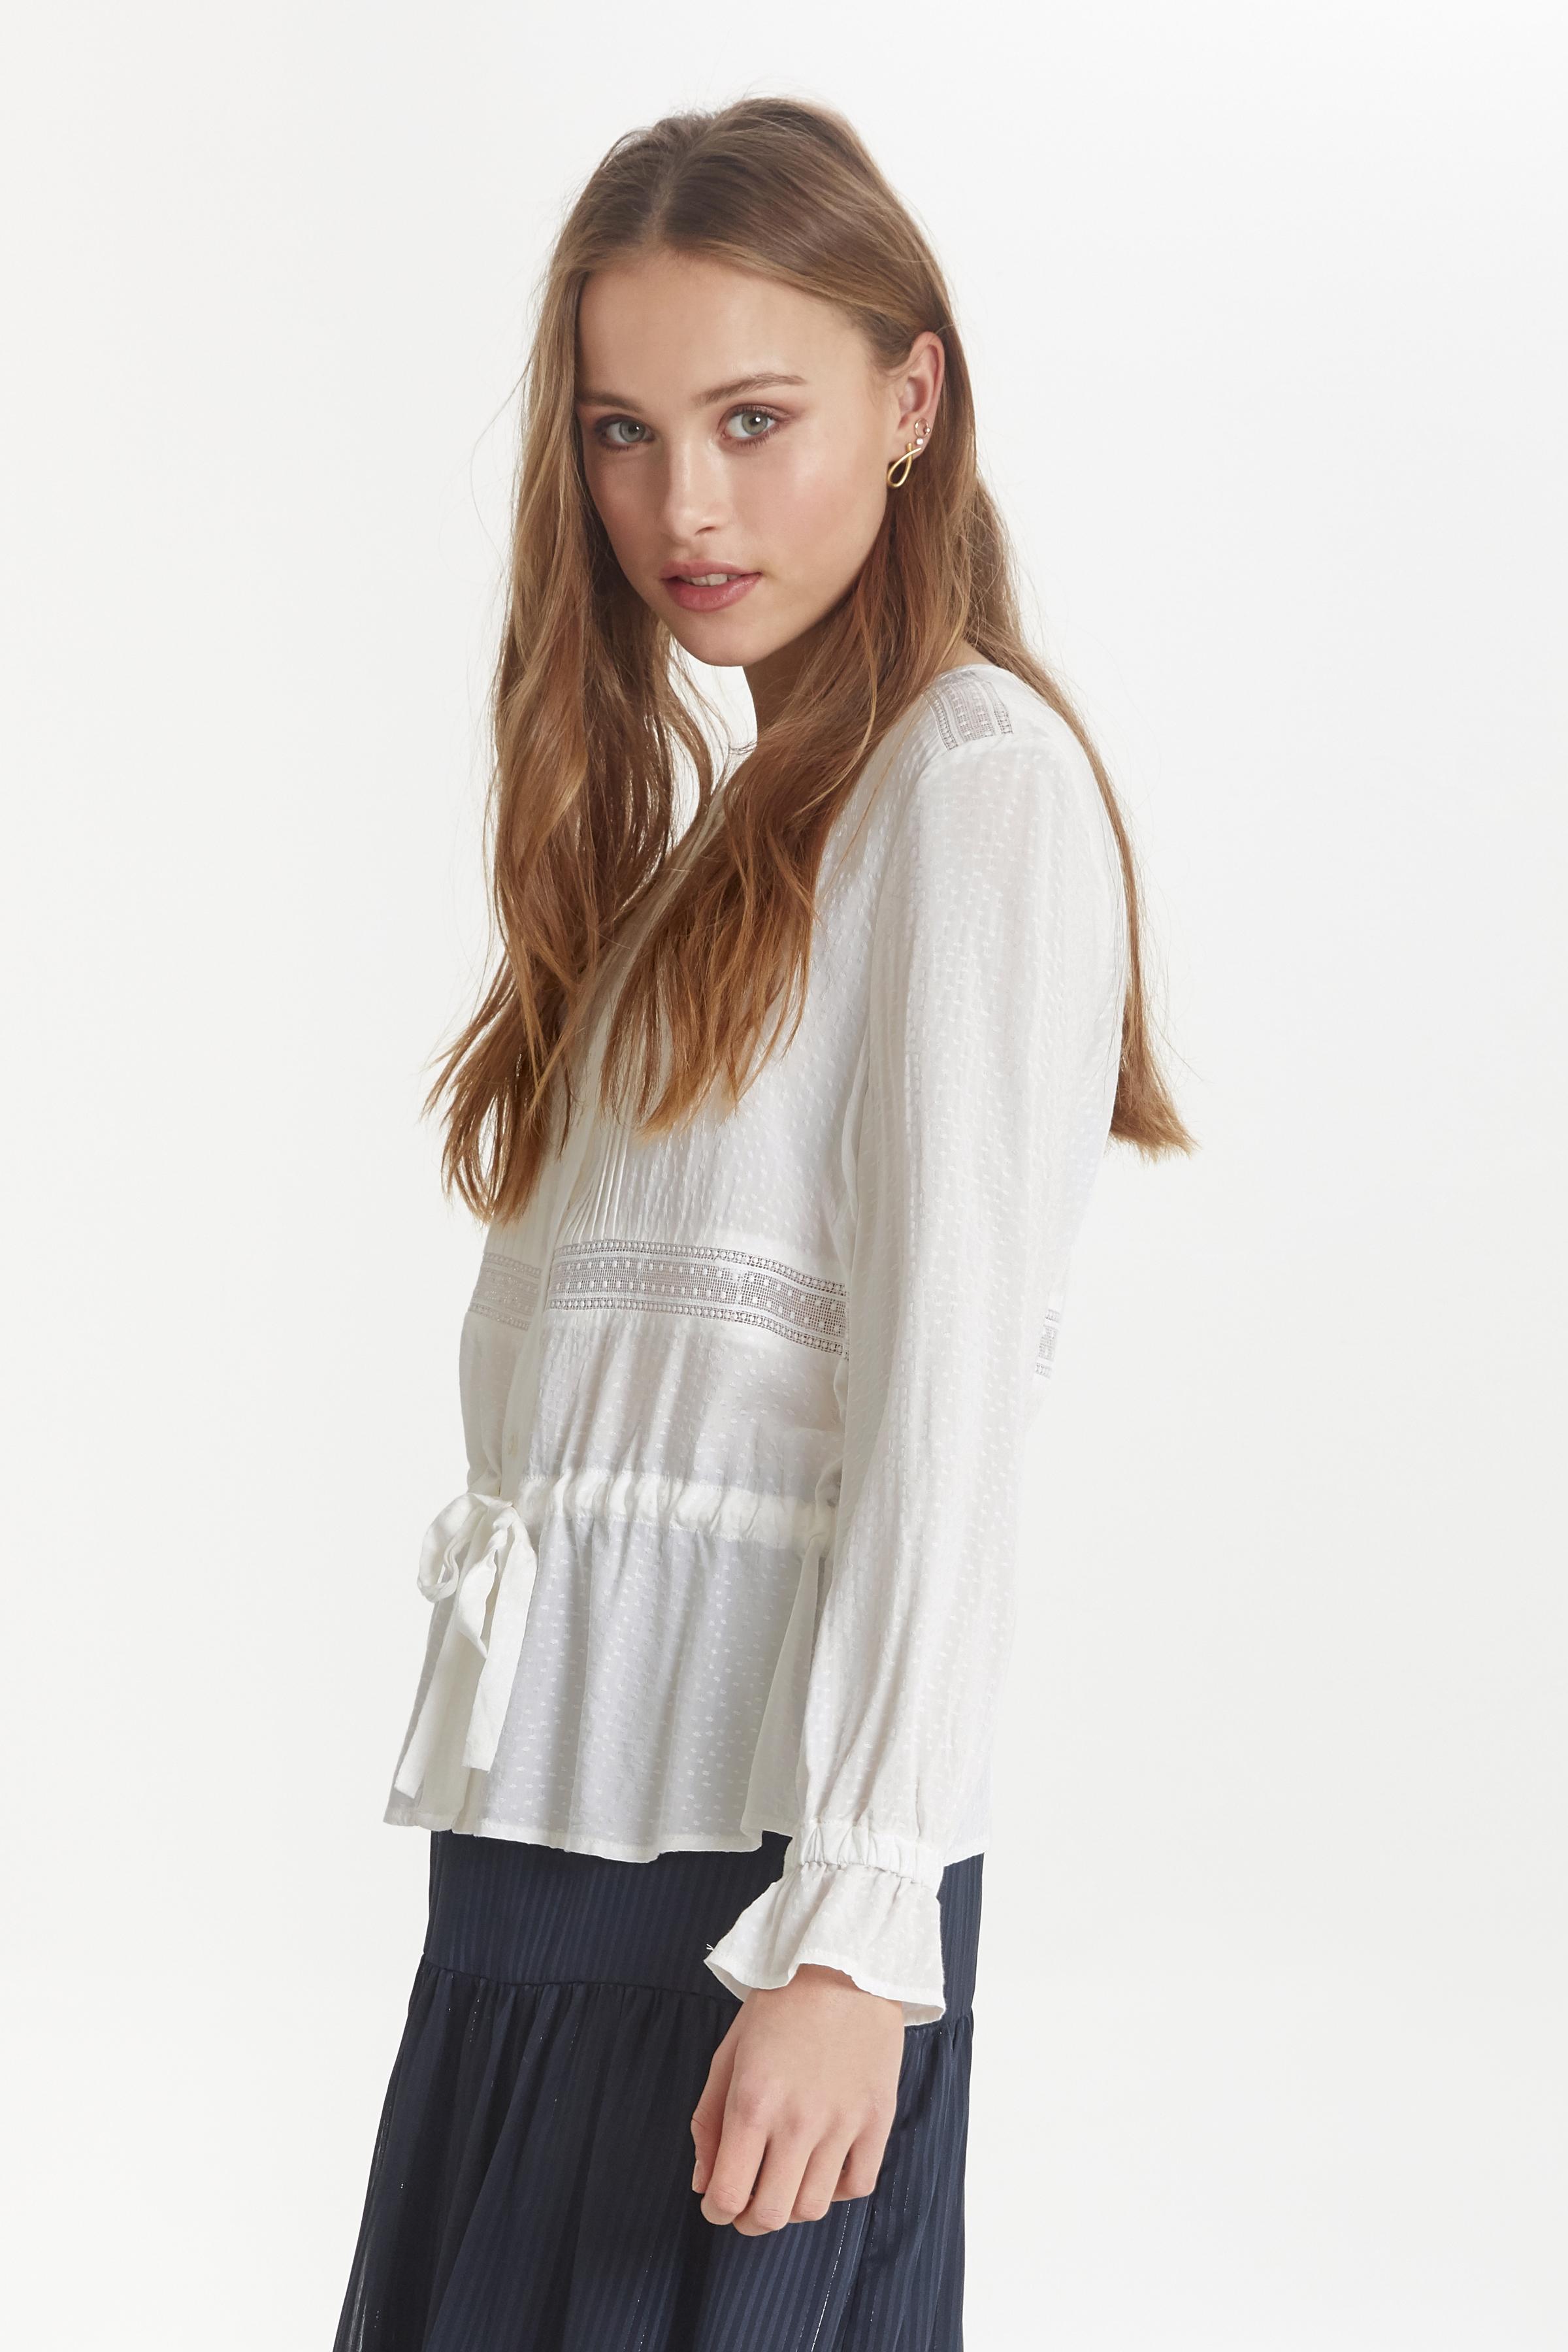 Cloud Dancer Langærmet skjorte – Køb Cloud Dancer Langærmet skjorte fra str. XS-XL her